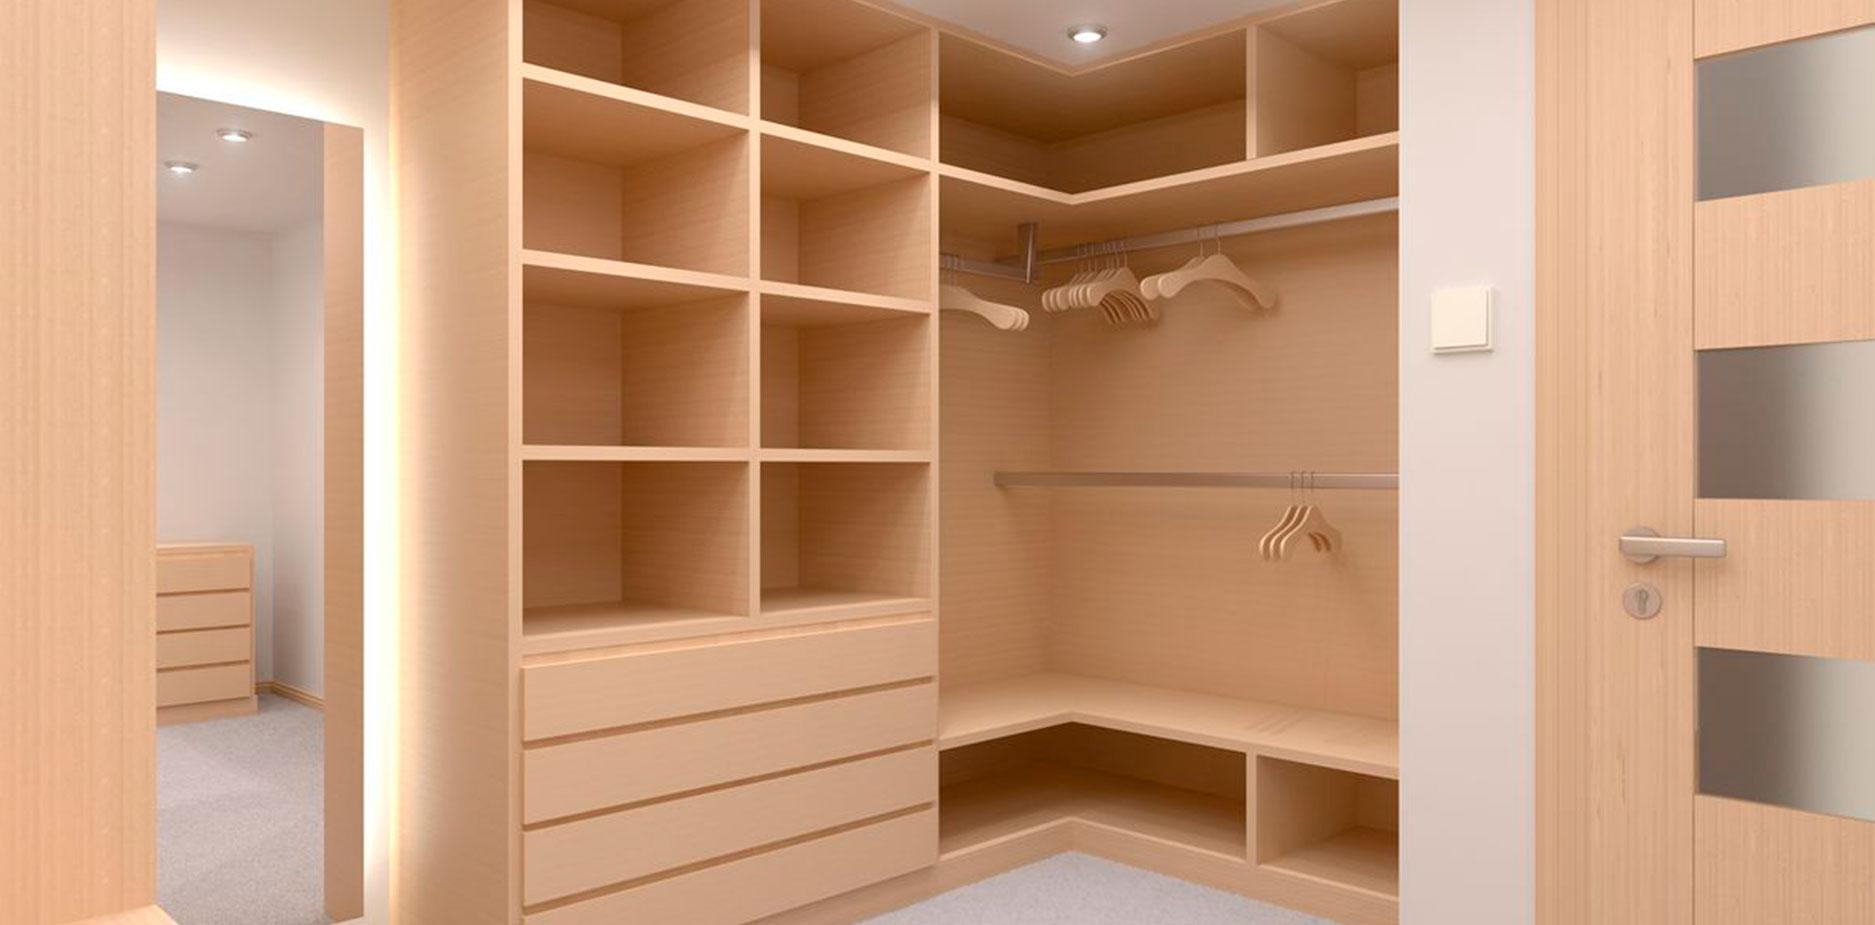 Fabrica de muebles a medidad muebles de ba o muebles for Muebles juveniles a medida